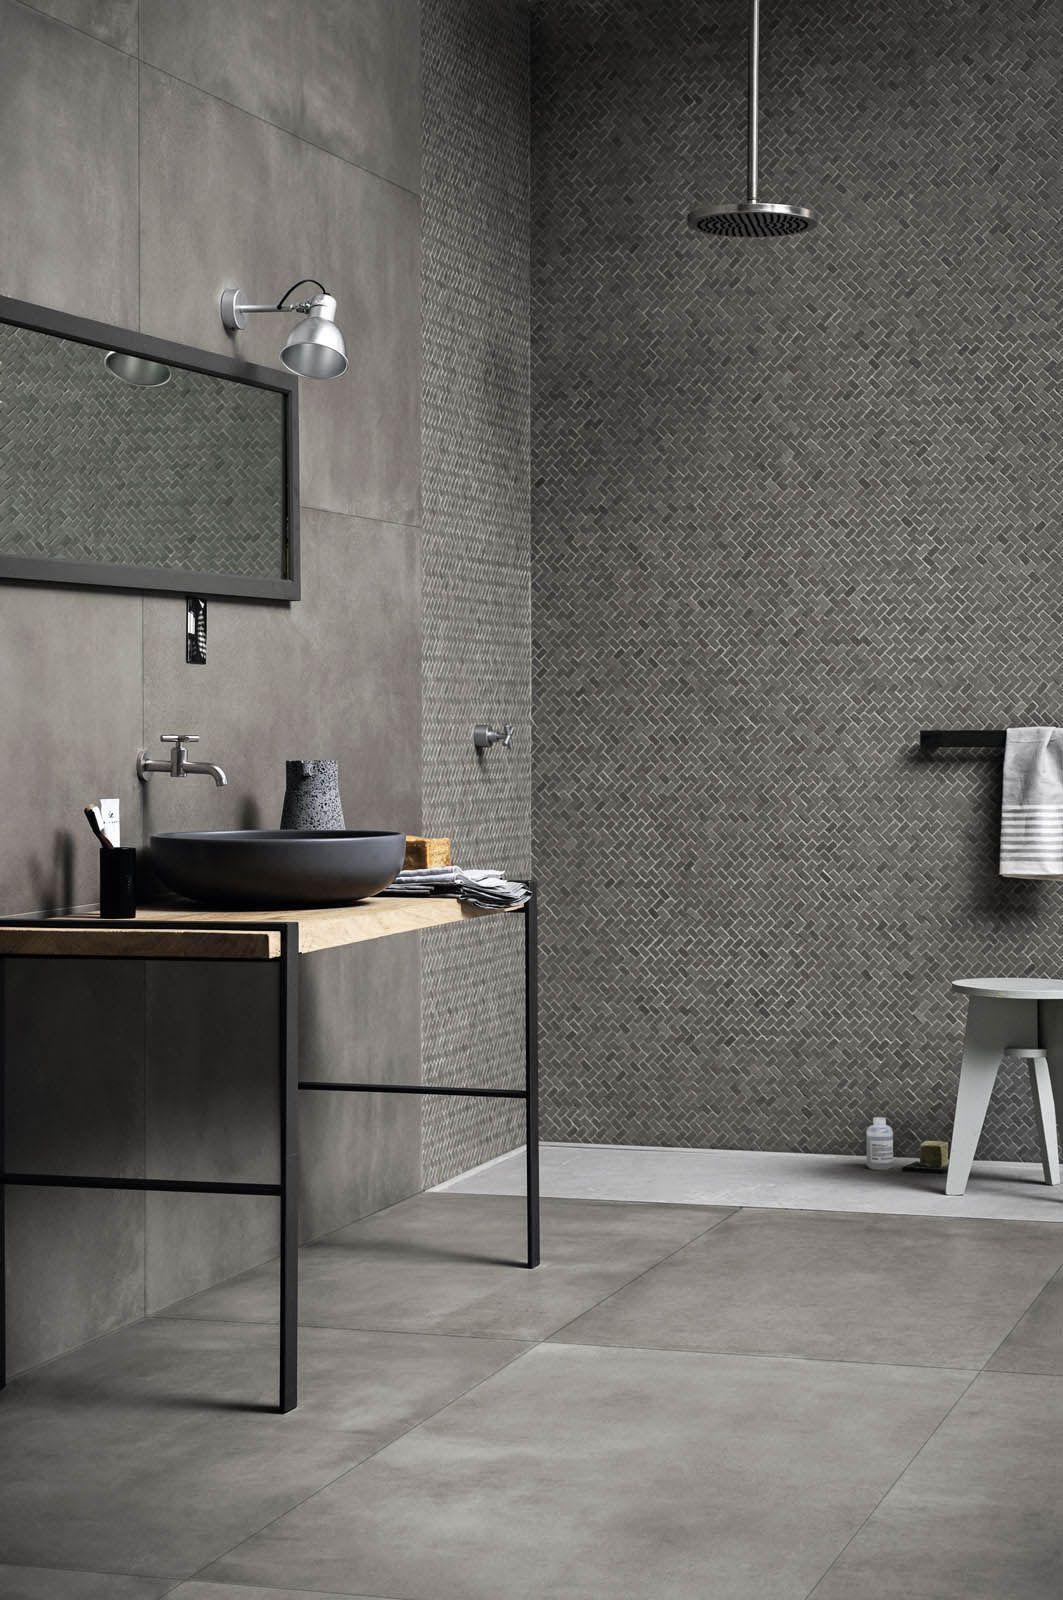 Bathroom Flooring Ceramic And Porcelain Stoneware Bathroom Flooring Ceramic And Porcelain Stonewar In 2020 Stil Badezimmer Badezimmer Trends Badezimmereinrichtung